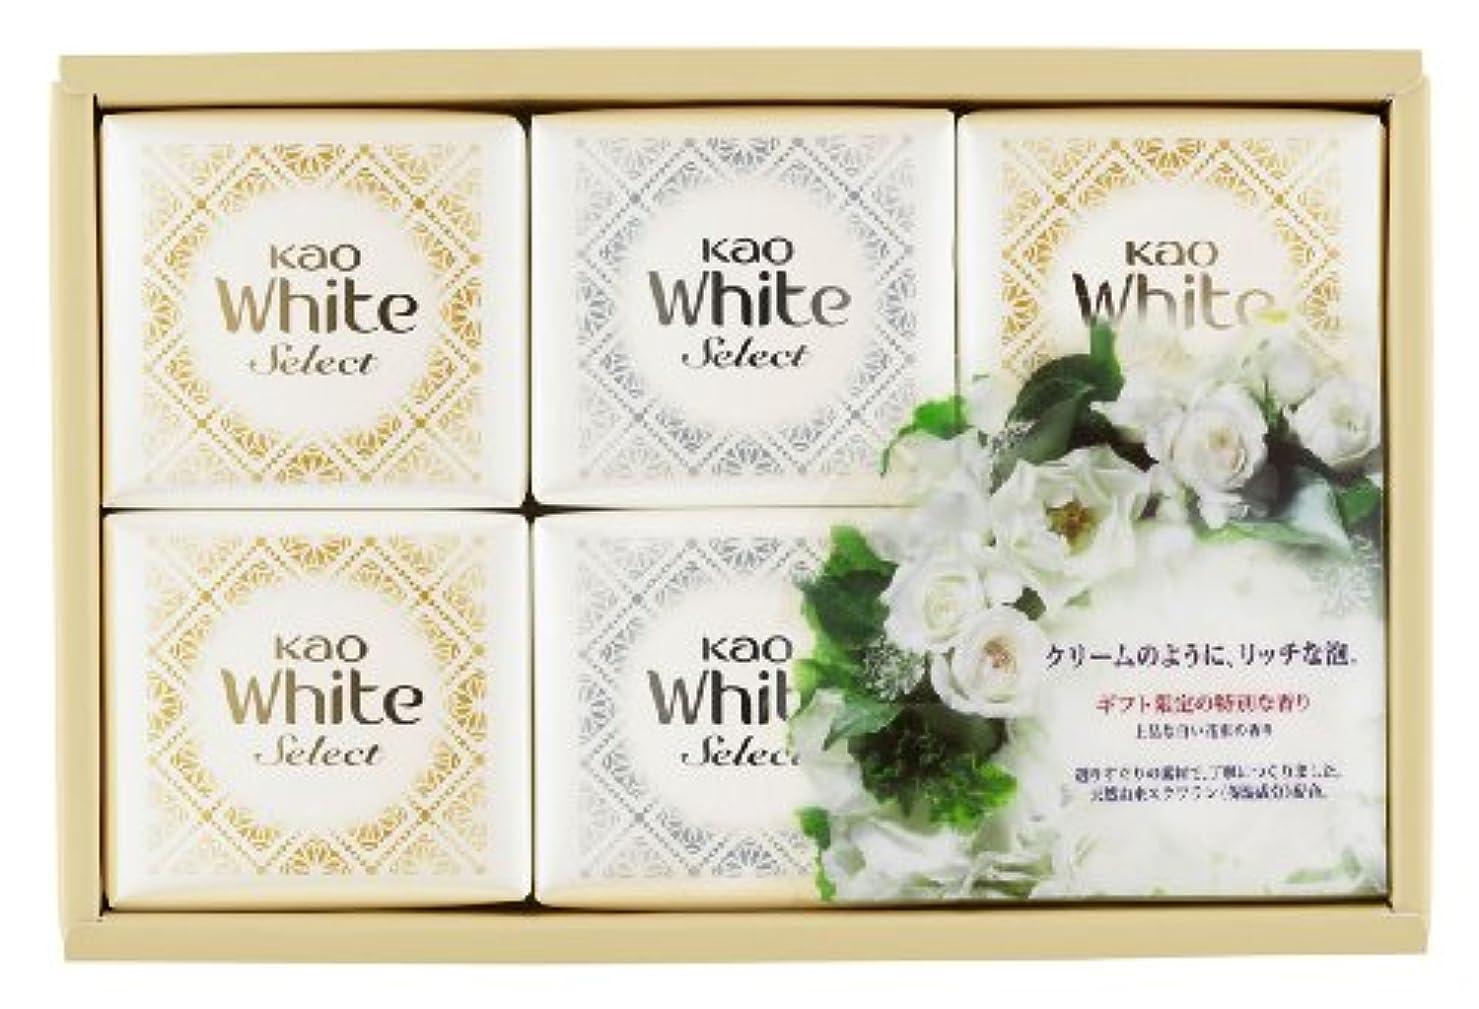 灌漑風邪をひくブラジャー花王ホワイト セレクト 上品な白い花束の香り 固形せっけん 6コ (K?WS-10)